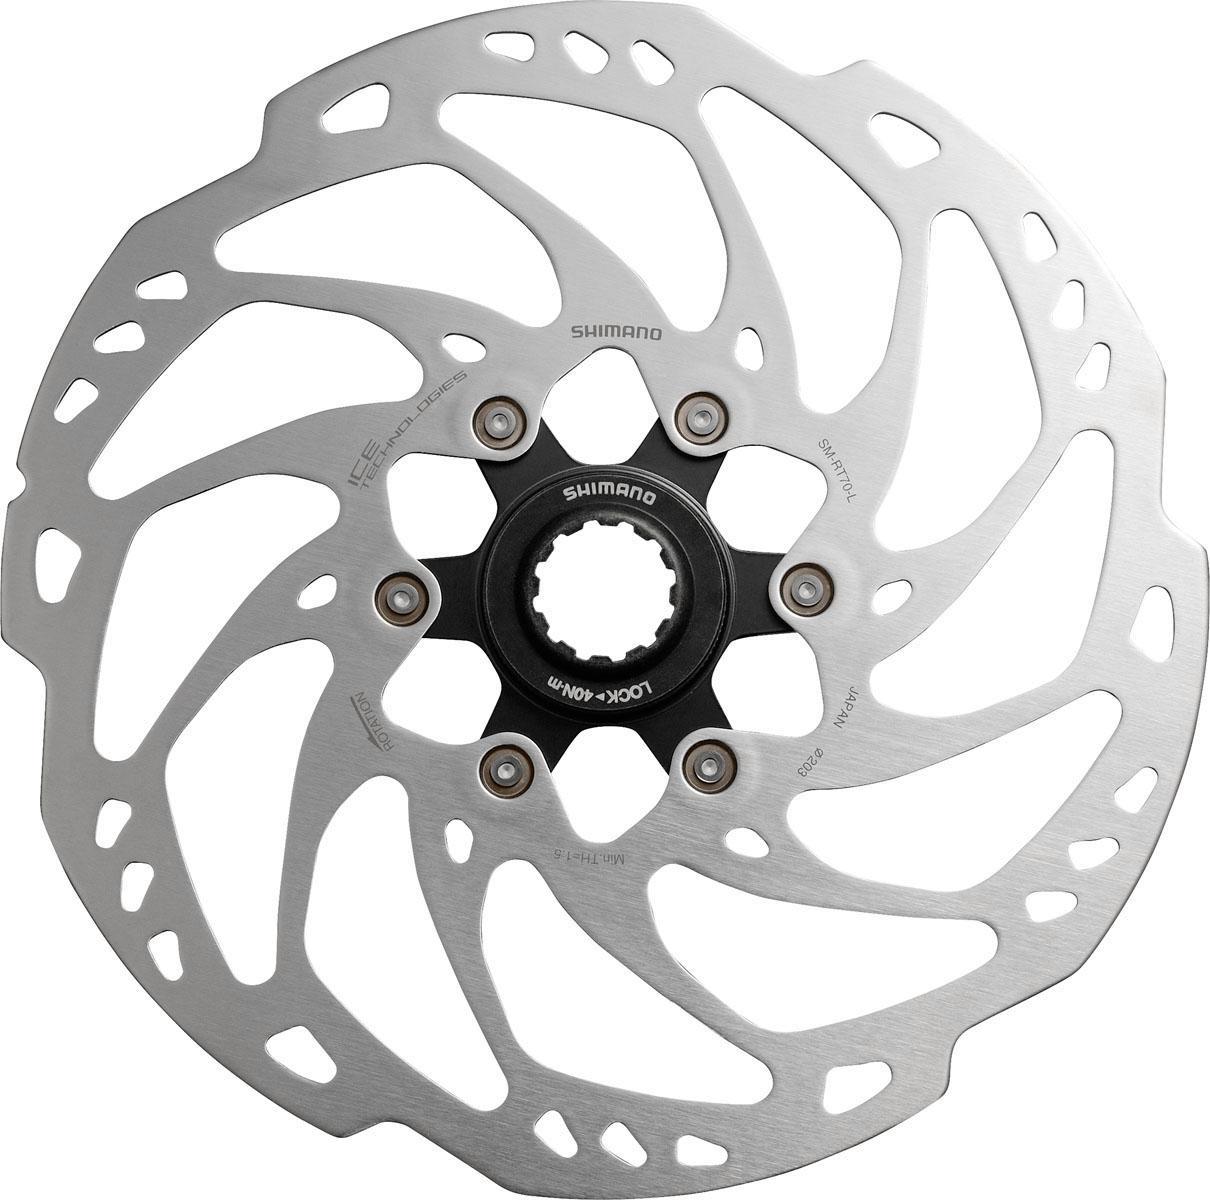 Shimano Bremsscheibe SM-RT70L (1-tlg) Technik & Freizeit/Sport & Freizeit/Fahrräder & Zubehör/Fahrradzubehör/Fahrradteile/Fahrradbremsen